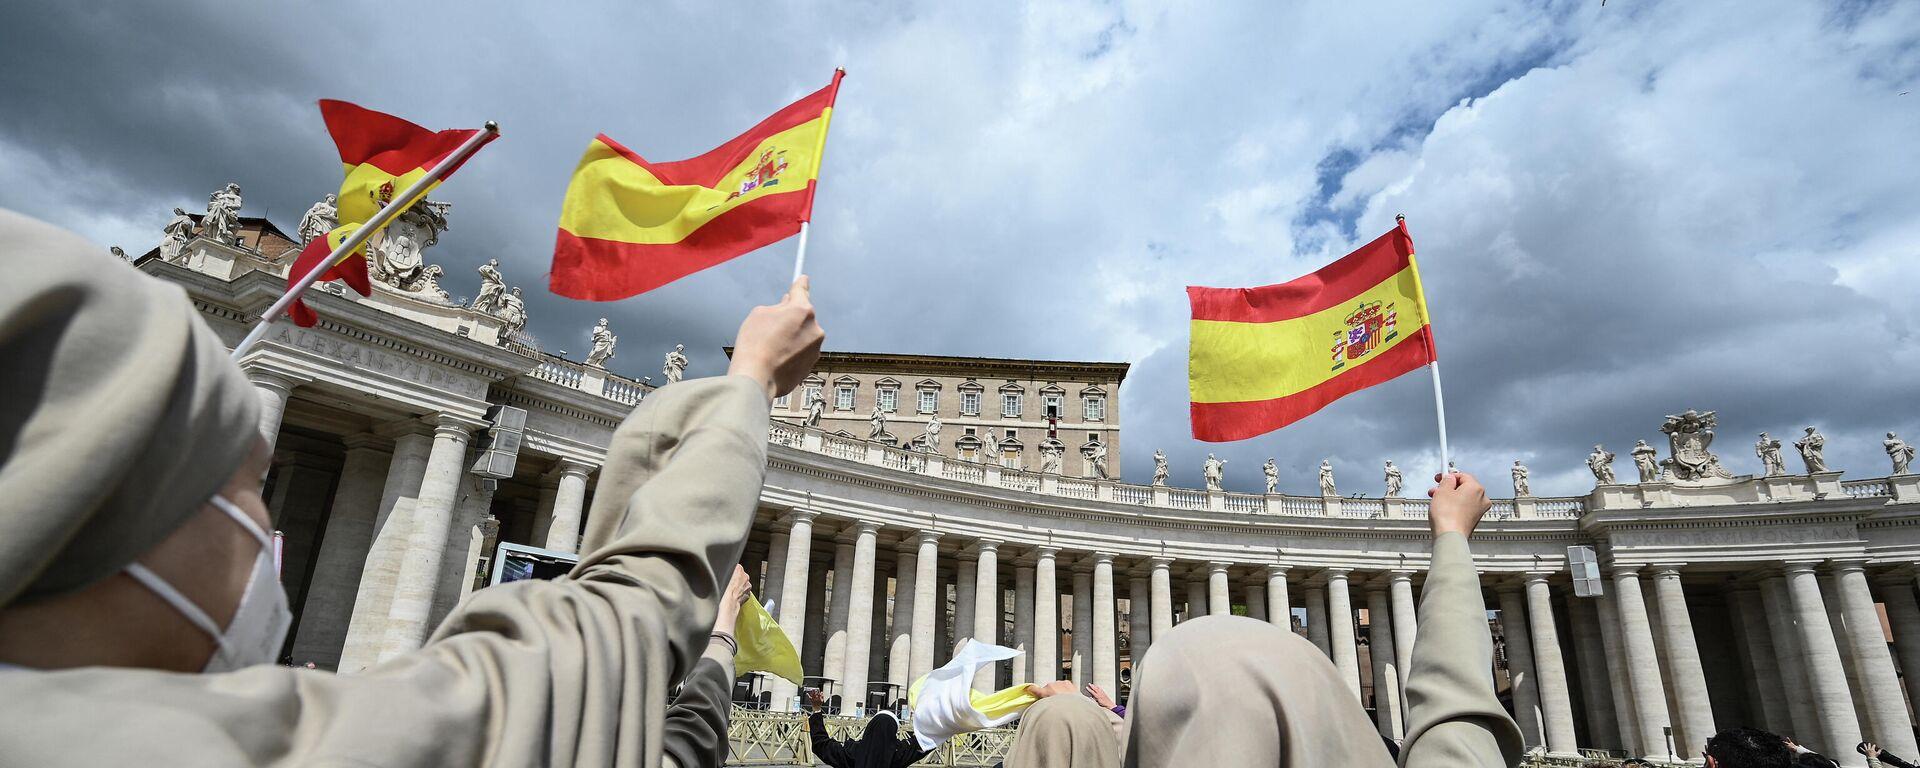 Monjas sostienen banderas españolas frente al Vaticano - Sputnik Mundo, 1920, 23.04.2021